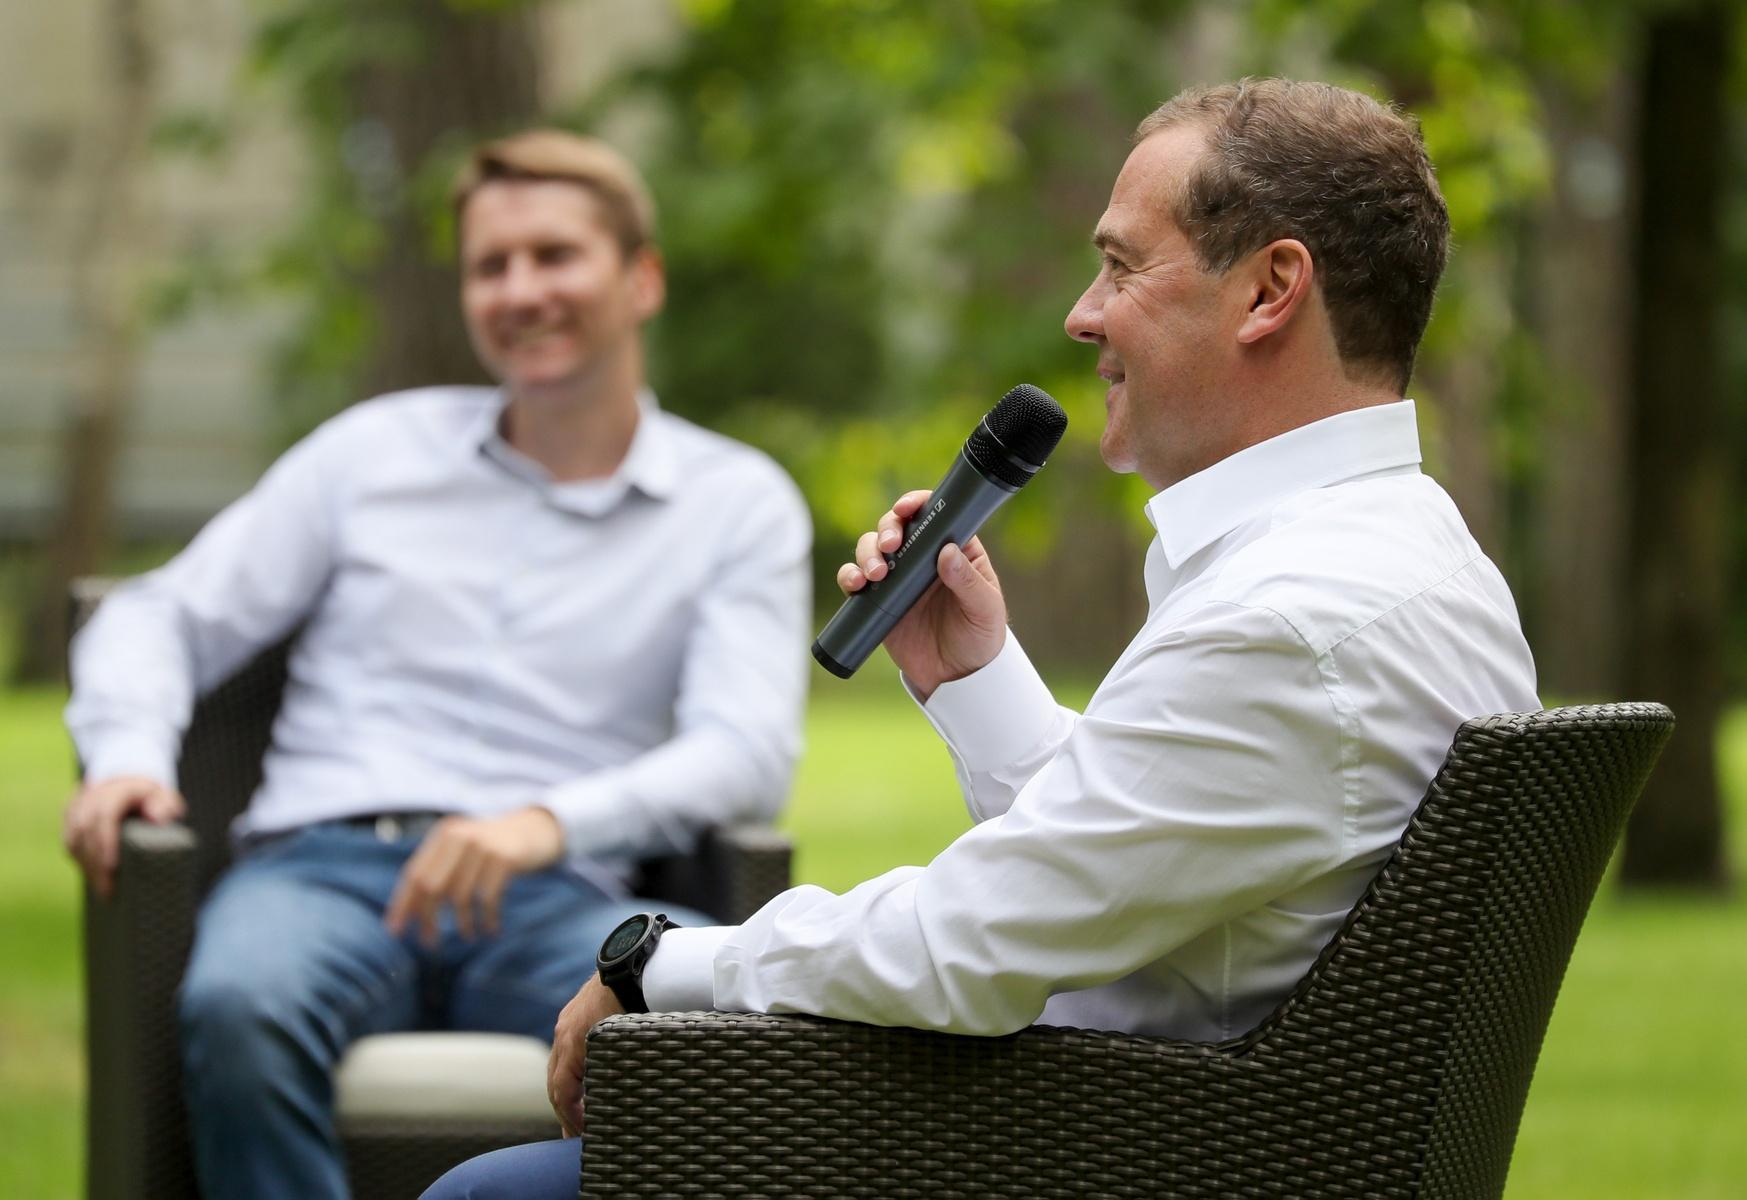 Встреча Дмитрия Медведева с участниками кадрового проекта «ПолитСтартап». Фото: Екатерина Штукина